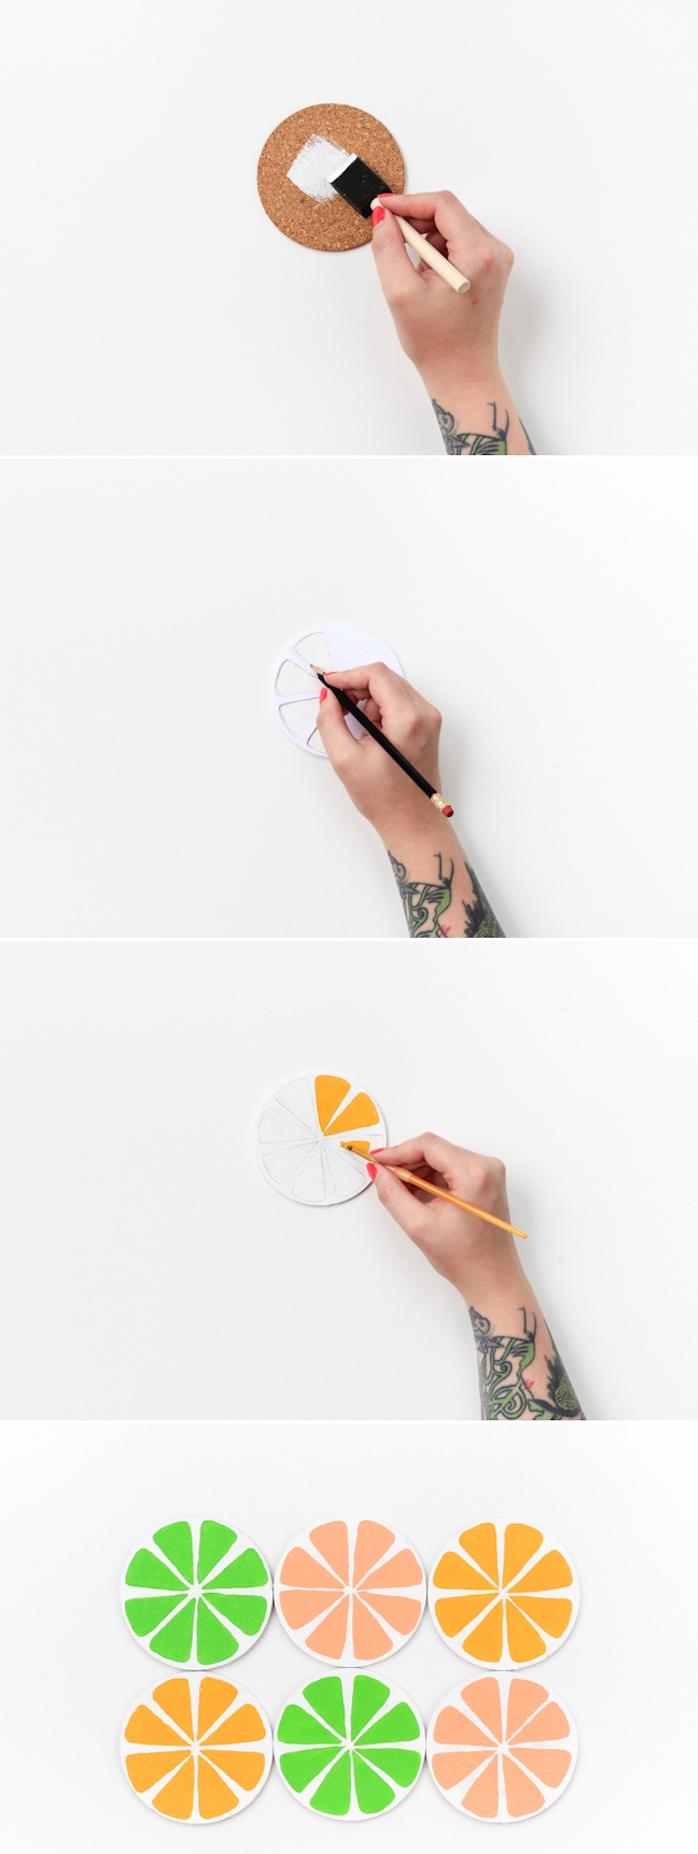 activité manuelle été, tuto pour faire un dessous de verre liège motif fruits dessiné en orange, jaune et vert sur un rondin bois